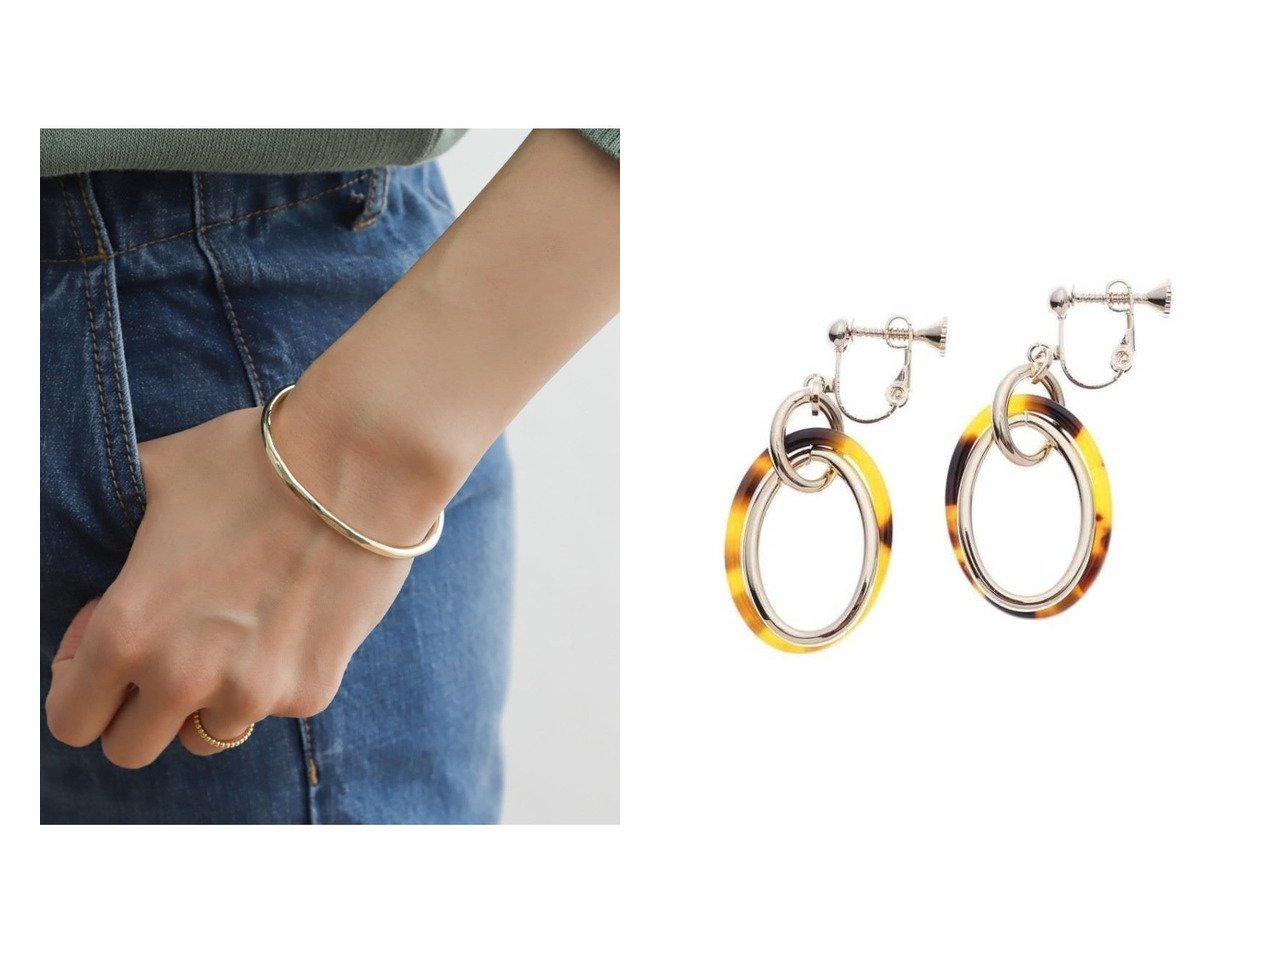 【URBAN RESEARCH DOORS/アーバンリサーチ ドアーズ】のニュアンスメタルバングル&【UNTITLED/アンタイトル】の樹脂ダブルリングイヤリング おすすめ!人気、トレンド・レディースファッションの通販  おすすめで人気の流行・トレンド、ファッションの通販商品 メンズファッション・キッズファッション・インテリア・家具・レディースファッション・服の通販 founy(ファニー) https://founy.com/ ファッション Fashion レディースファッション WOMEN ジュエリー Jewelry ブレスレット Bracelets バングル Bangles リング Rings イヤリング Earrings NEW・新作・新着・新入荷 New Arrivals アクセサリー ハンド バングル ブレスレット イヤリング メタル ラグジュアリー |ID:crp329100000015941